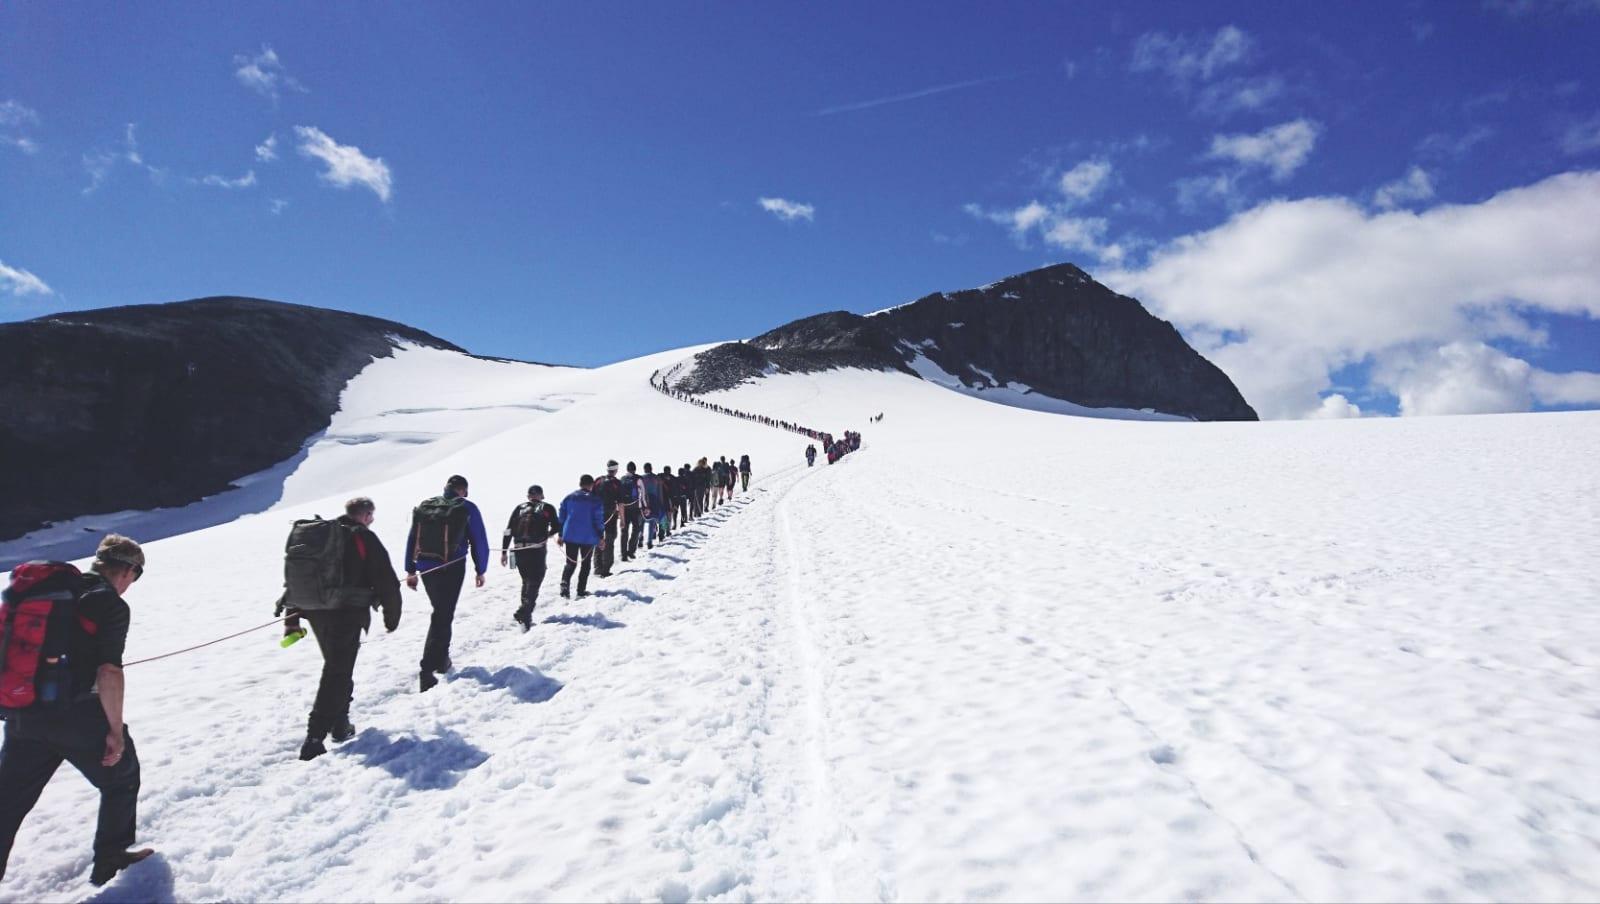 MOT TOPPEN: Folkevandring mot Norges høyeste fjell.